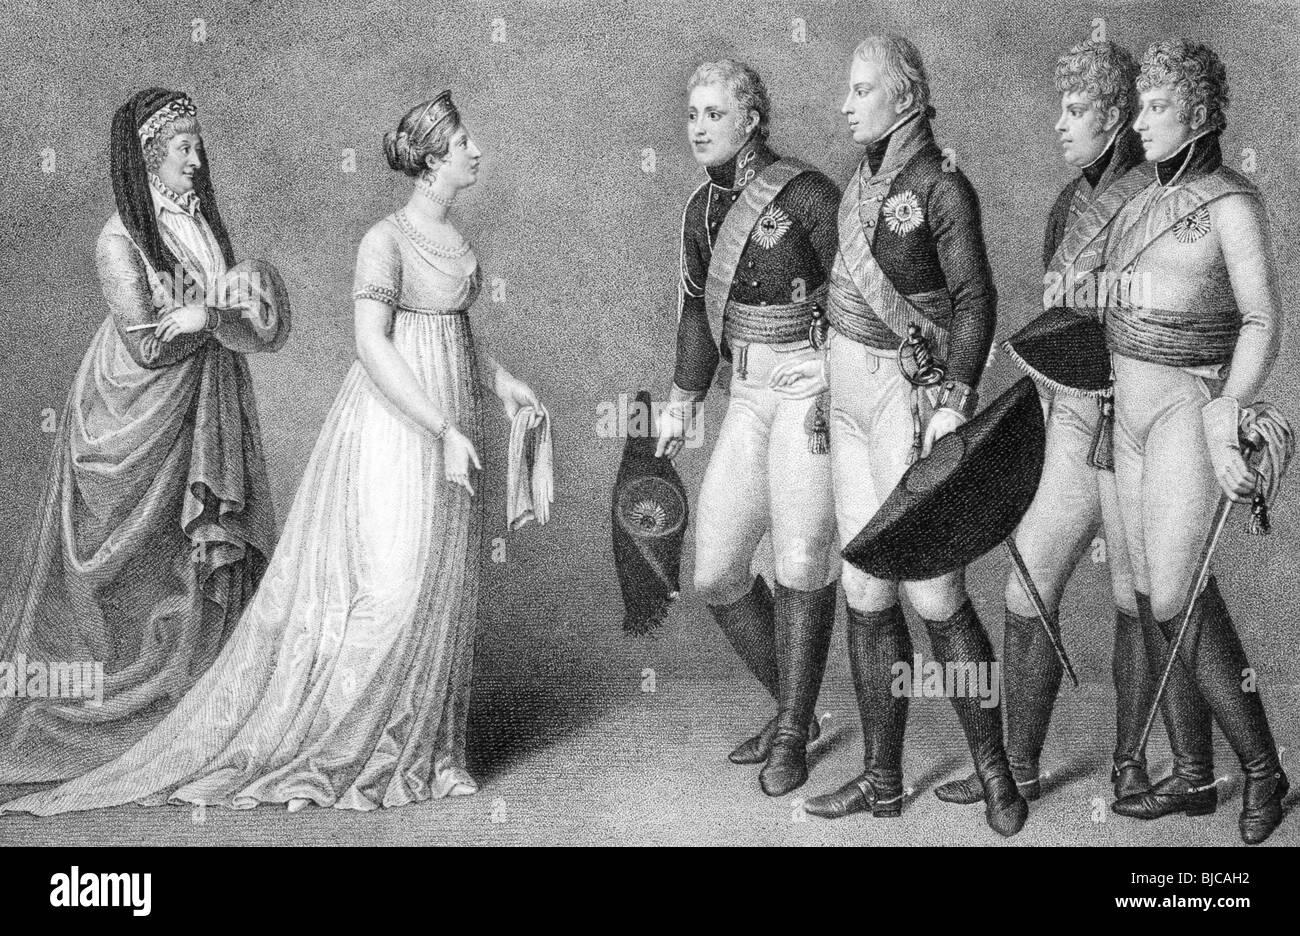 Frederick William und Louisa von Preußen Romantik-Szene auf Gravur aus den 1800er Jahren. Stockbild